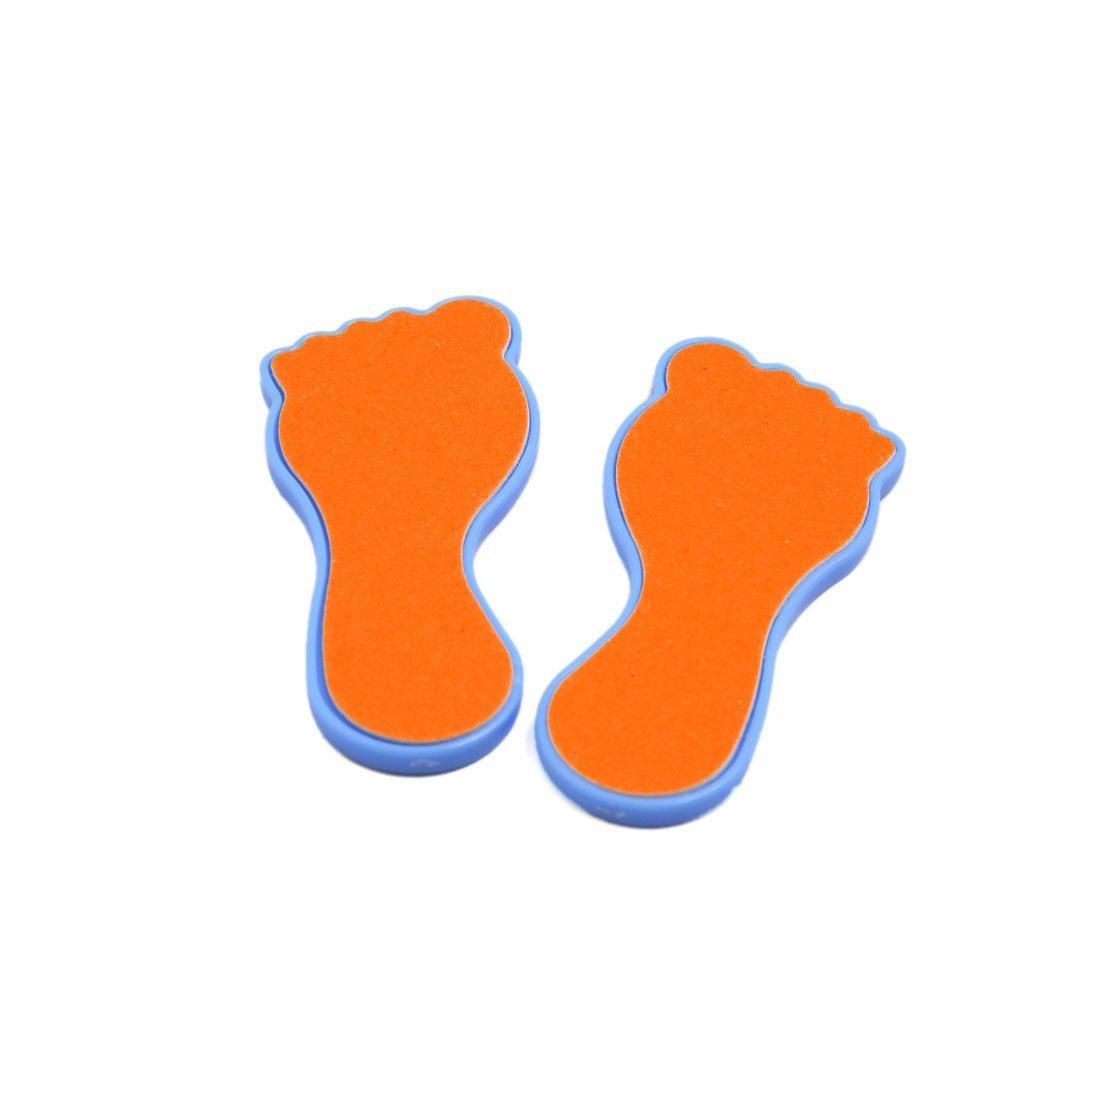 Amazon.com: eDealMax 2 PC portátil de la piel SECA cuidado de Los pies de pedicura Callos de maíz removedor Depurador del archivo de la escofina Naranja ...